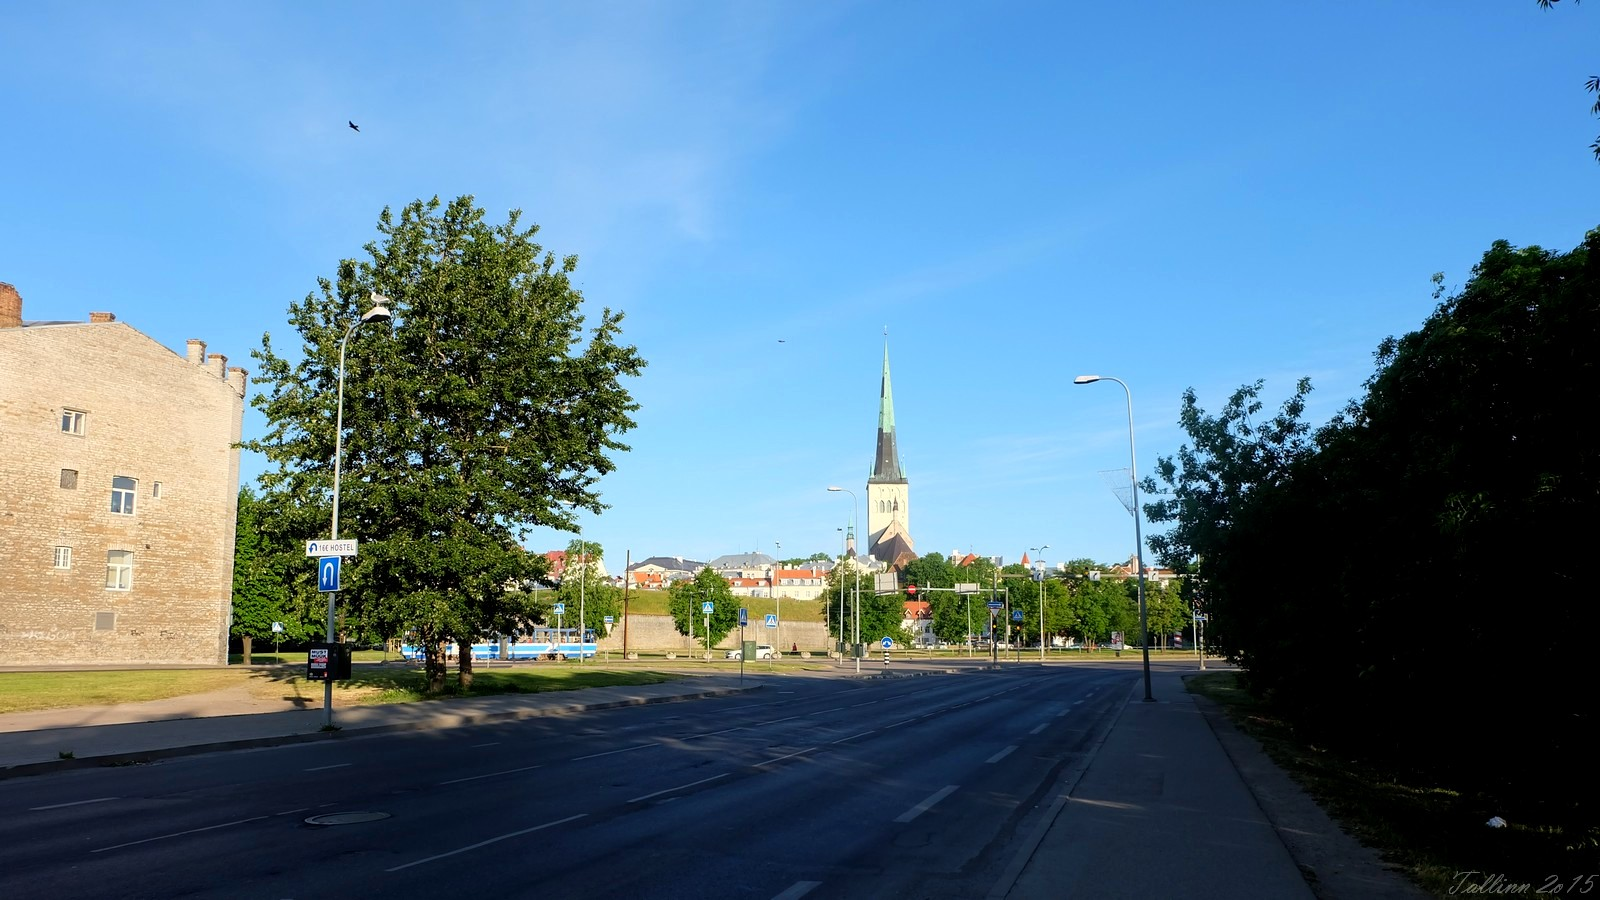 VanaLinn, Tallinn, Estonia